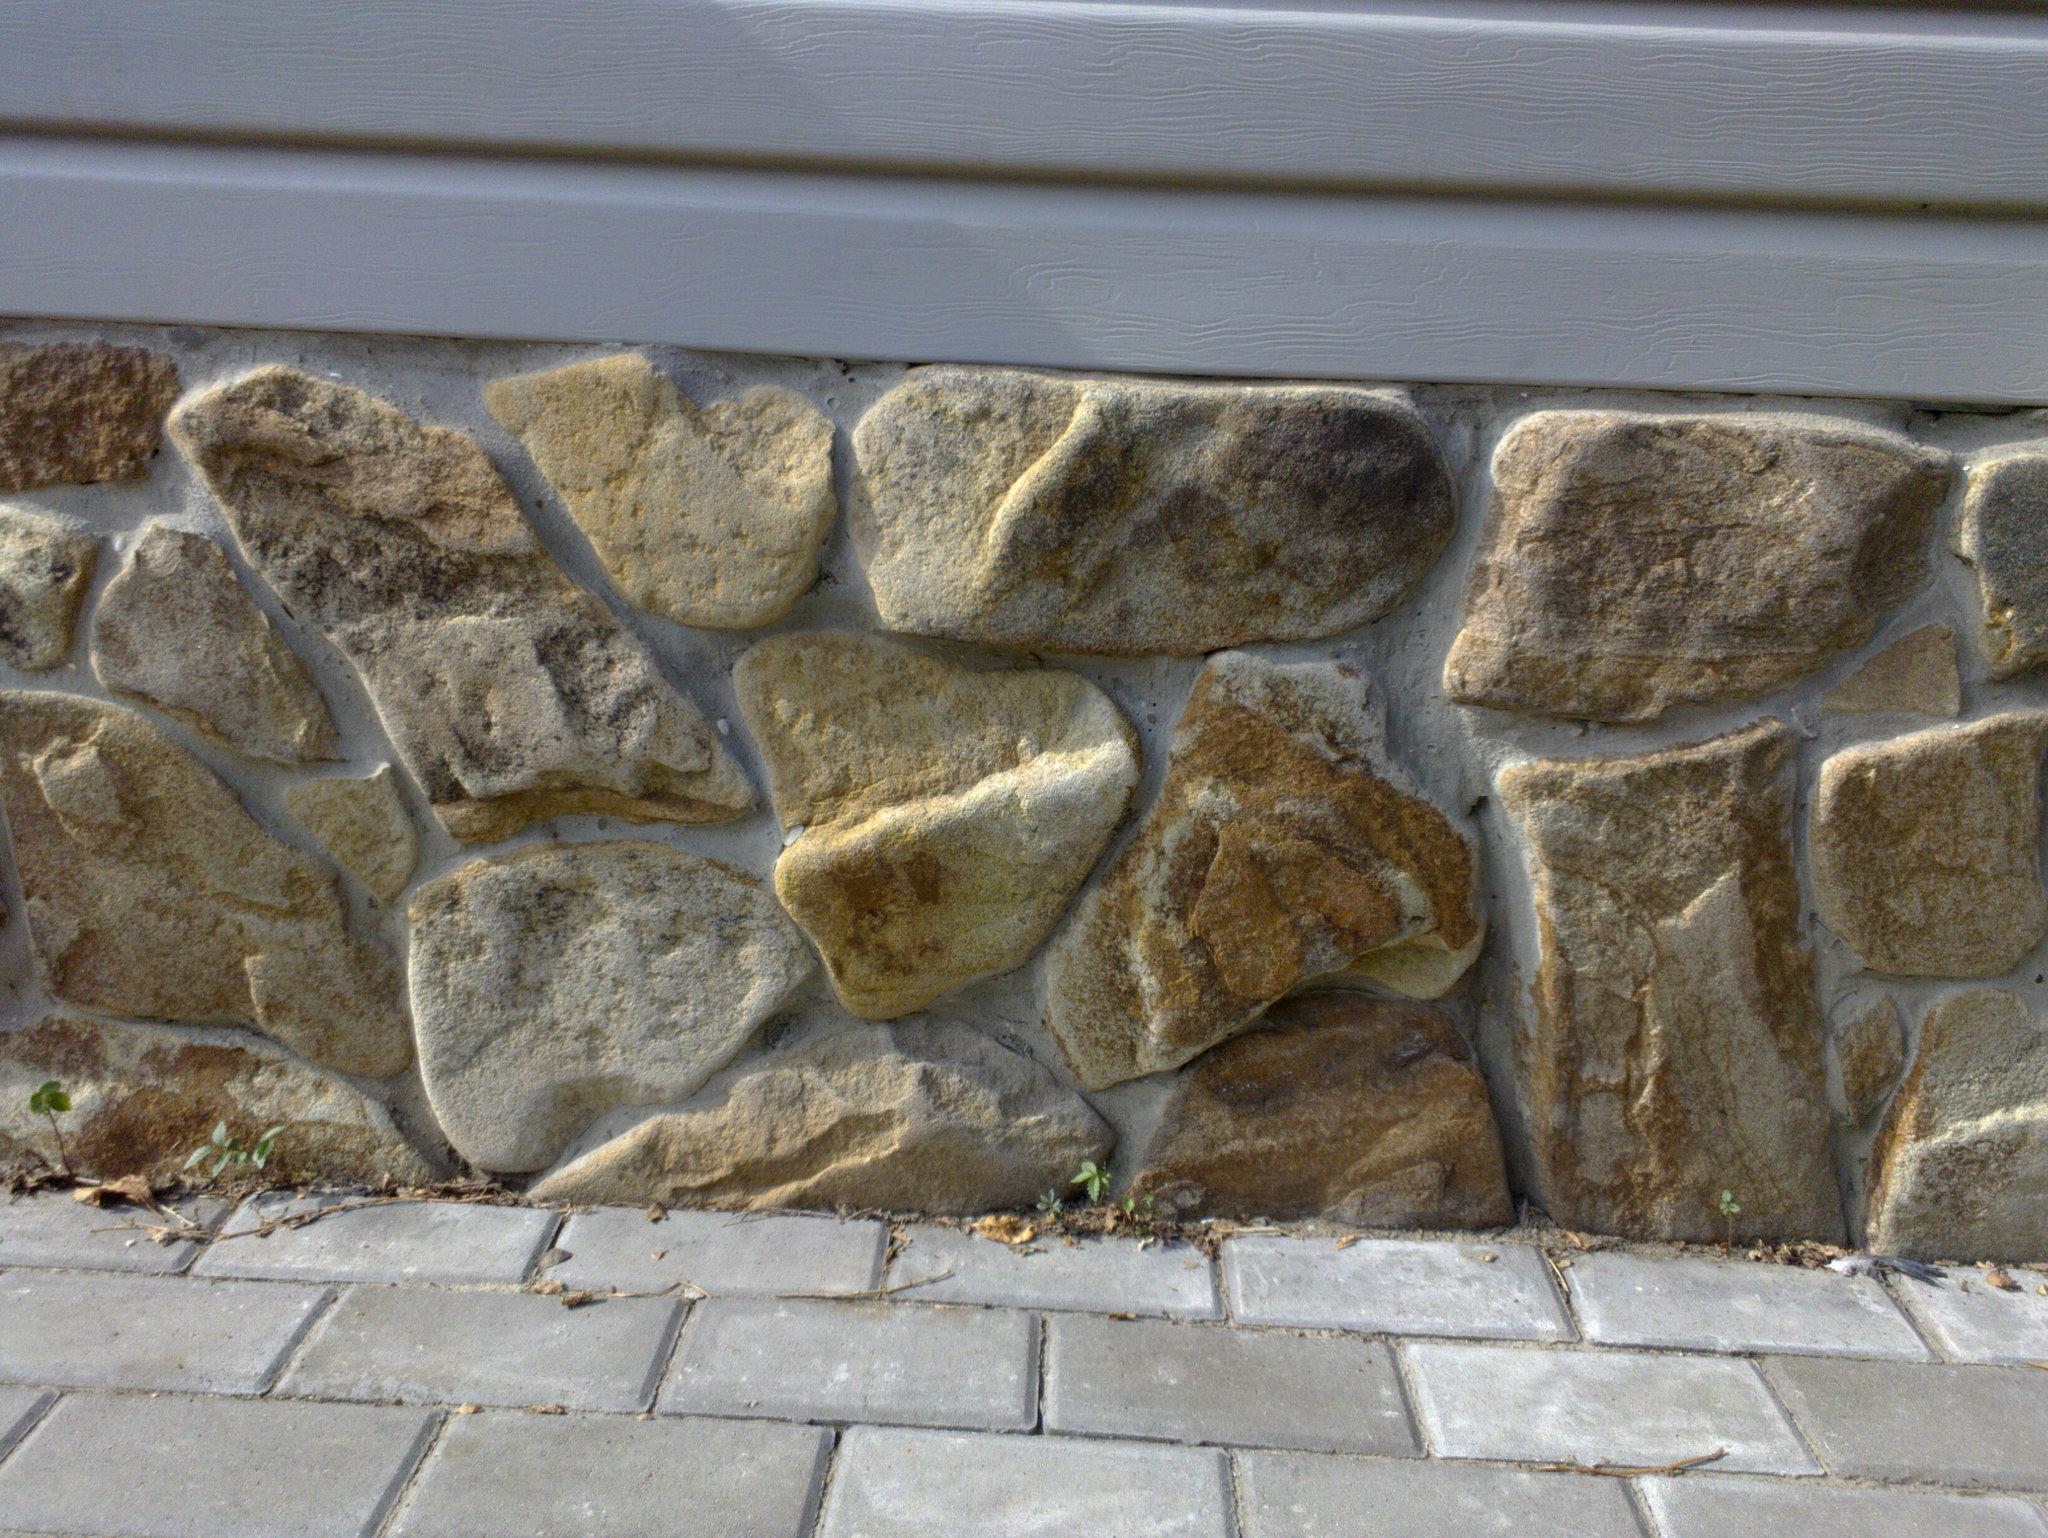 ясень бутовый камень окатанный, для облицовки